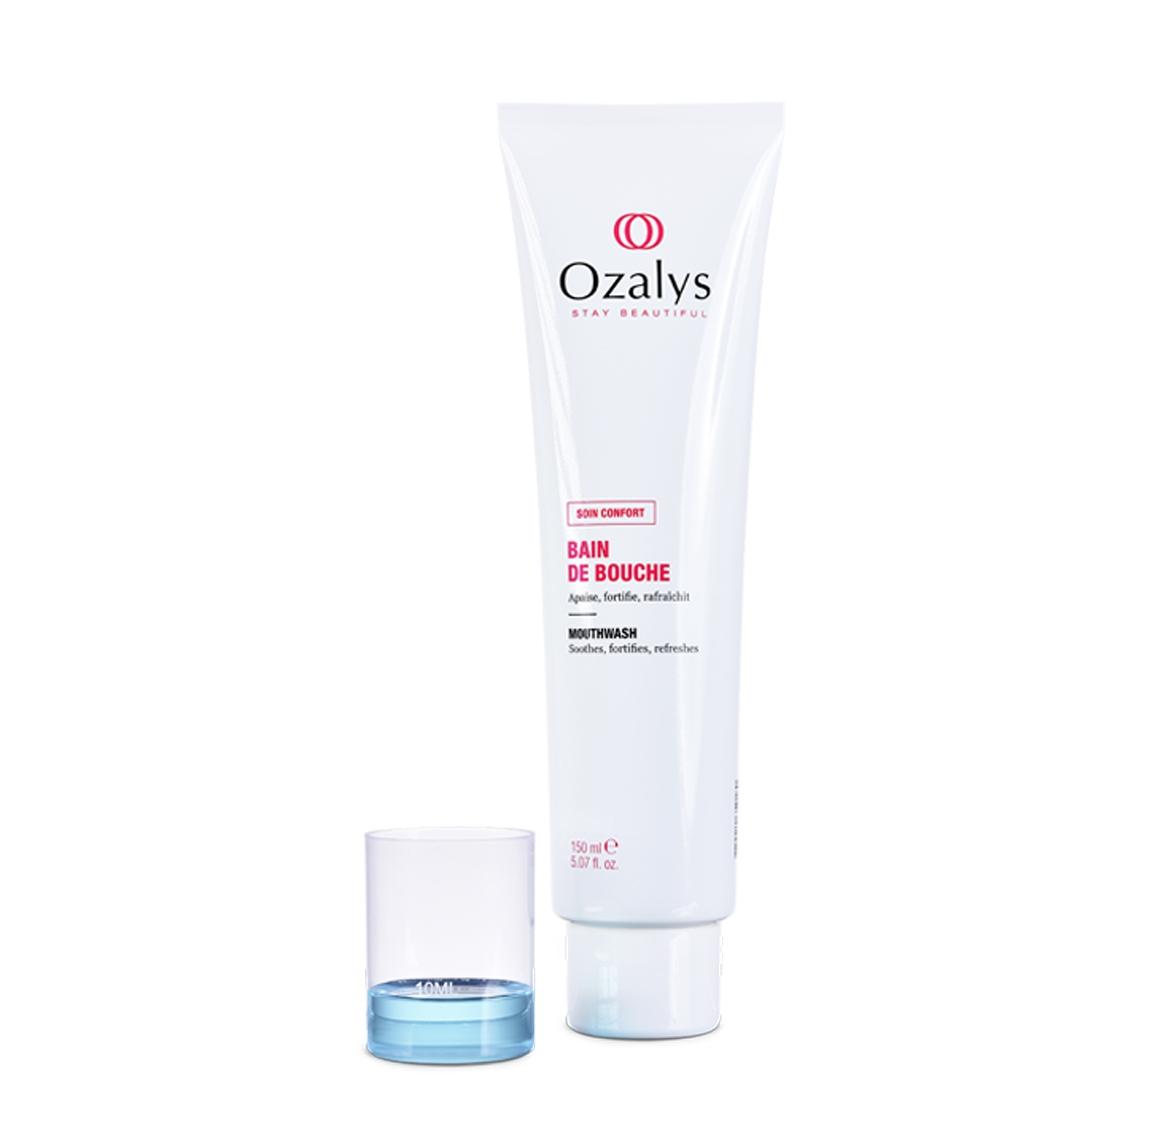 Bain de bouche, cosmétique cancer, ozalys